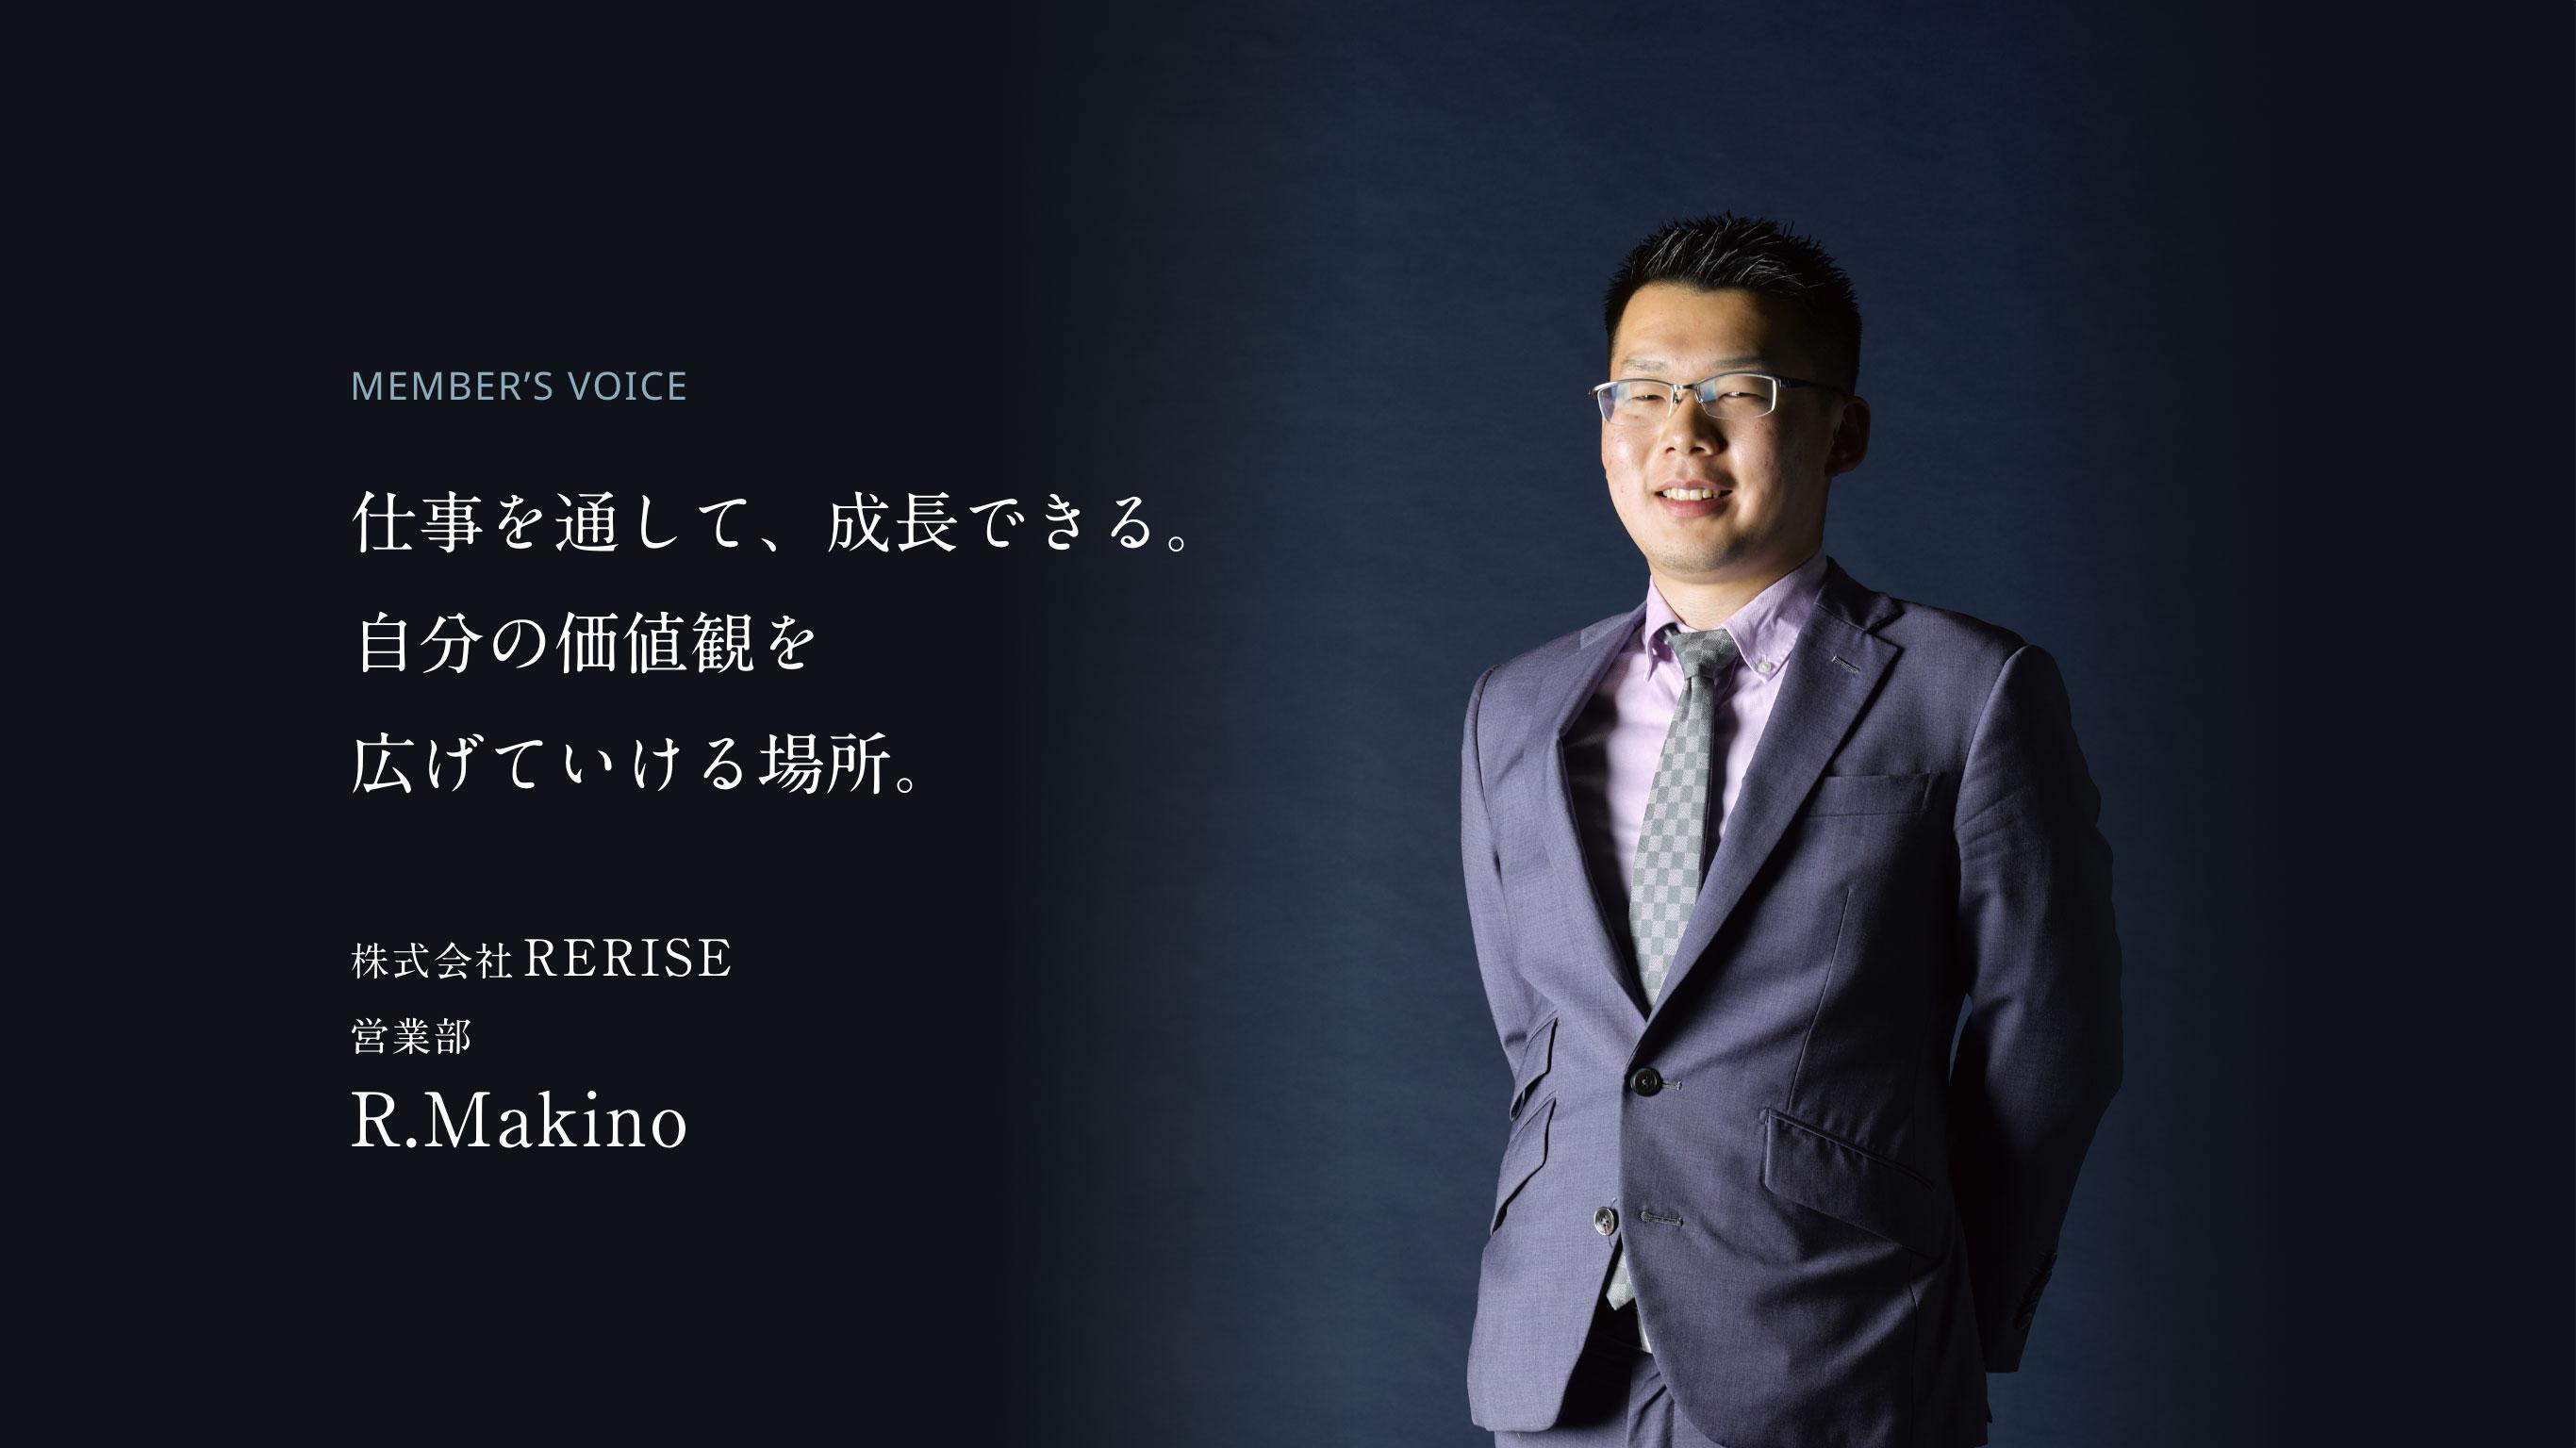 仕事を通して、成長できる。自分の価値観を広げていける場所。 株式会社RERISE 営業部 R.Makino